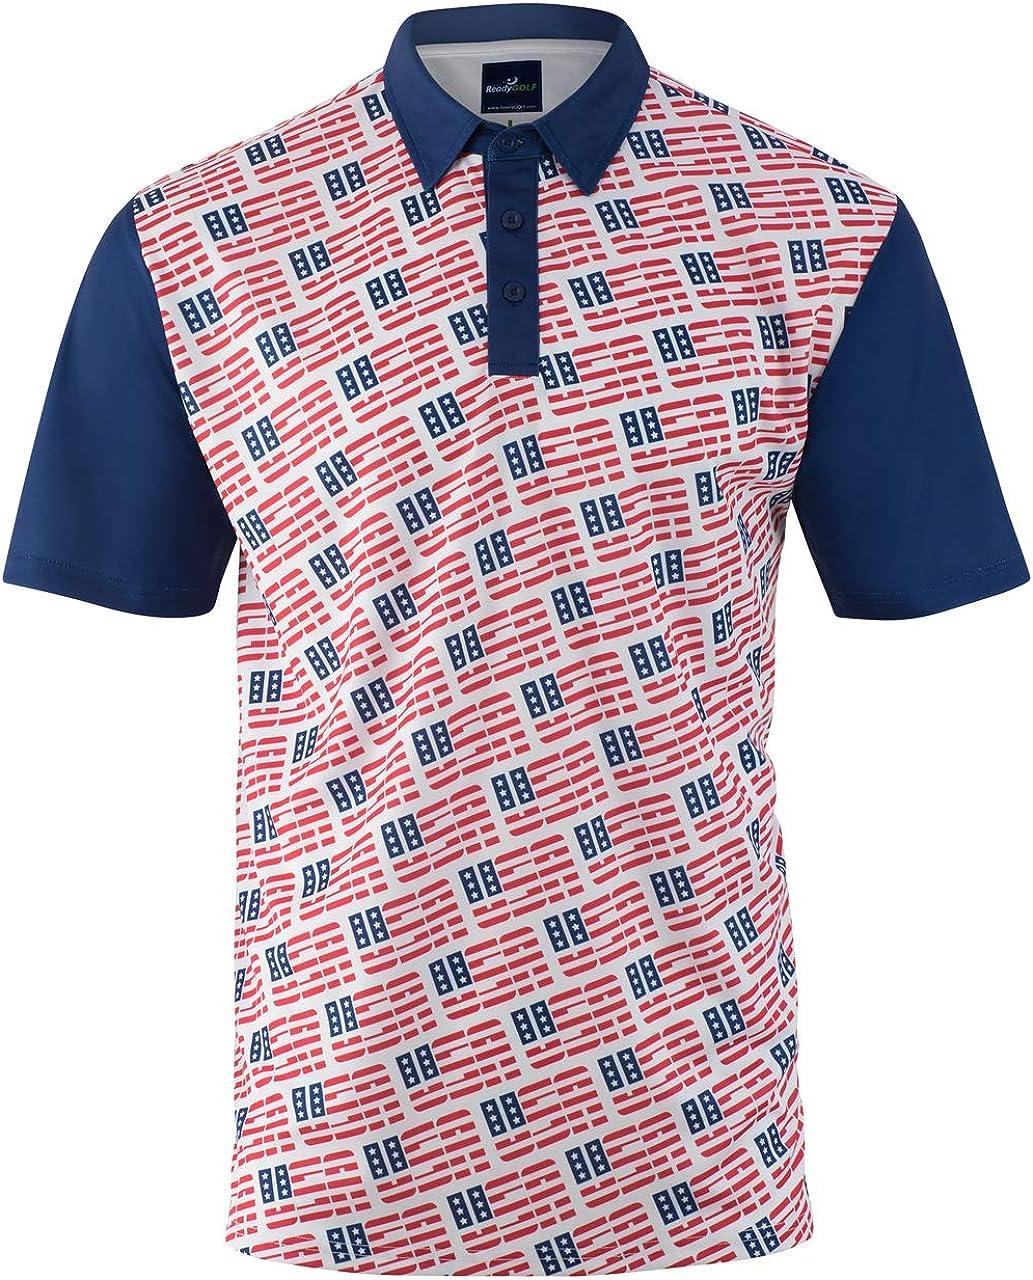 ReadyGOLF Mens Golf Polo Shirt - USA, USA, USA